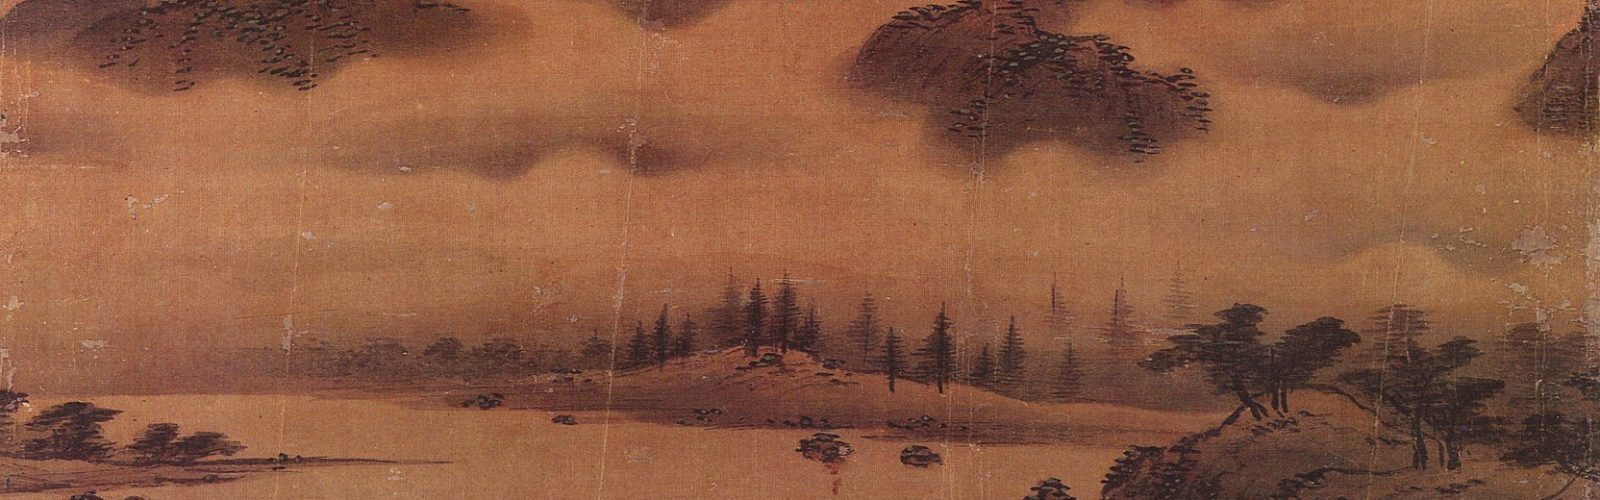 Korean landscape painting